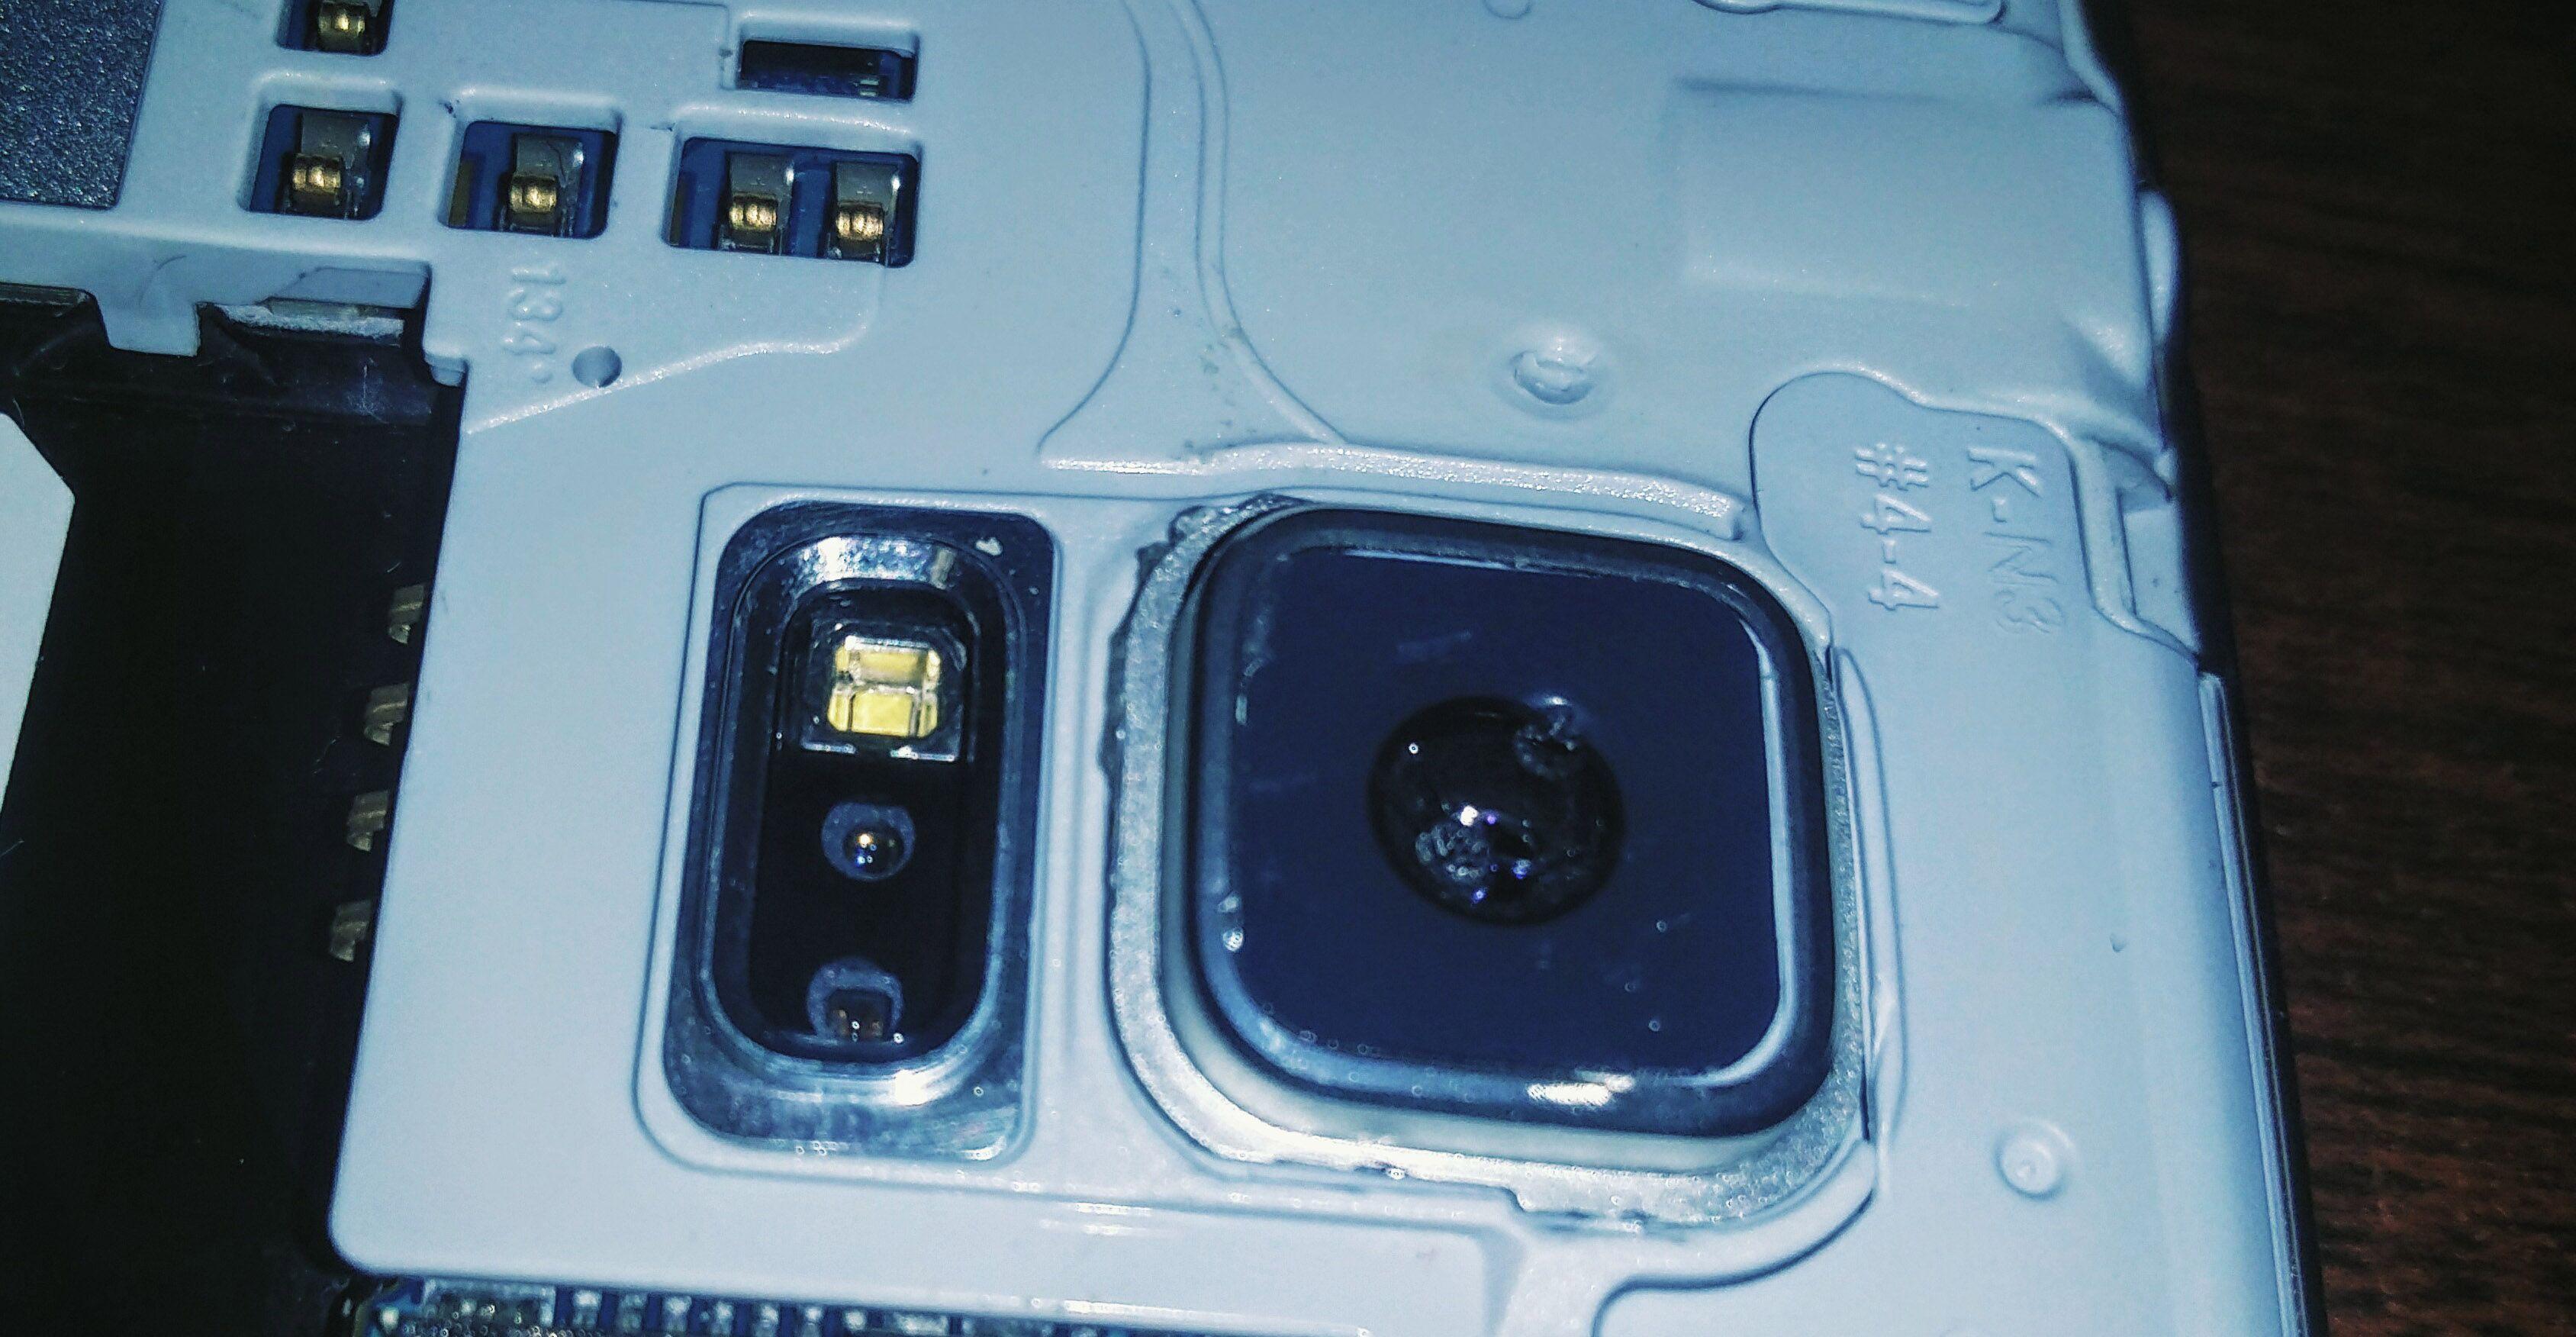 broken s5 camera glass